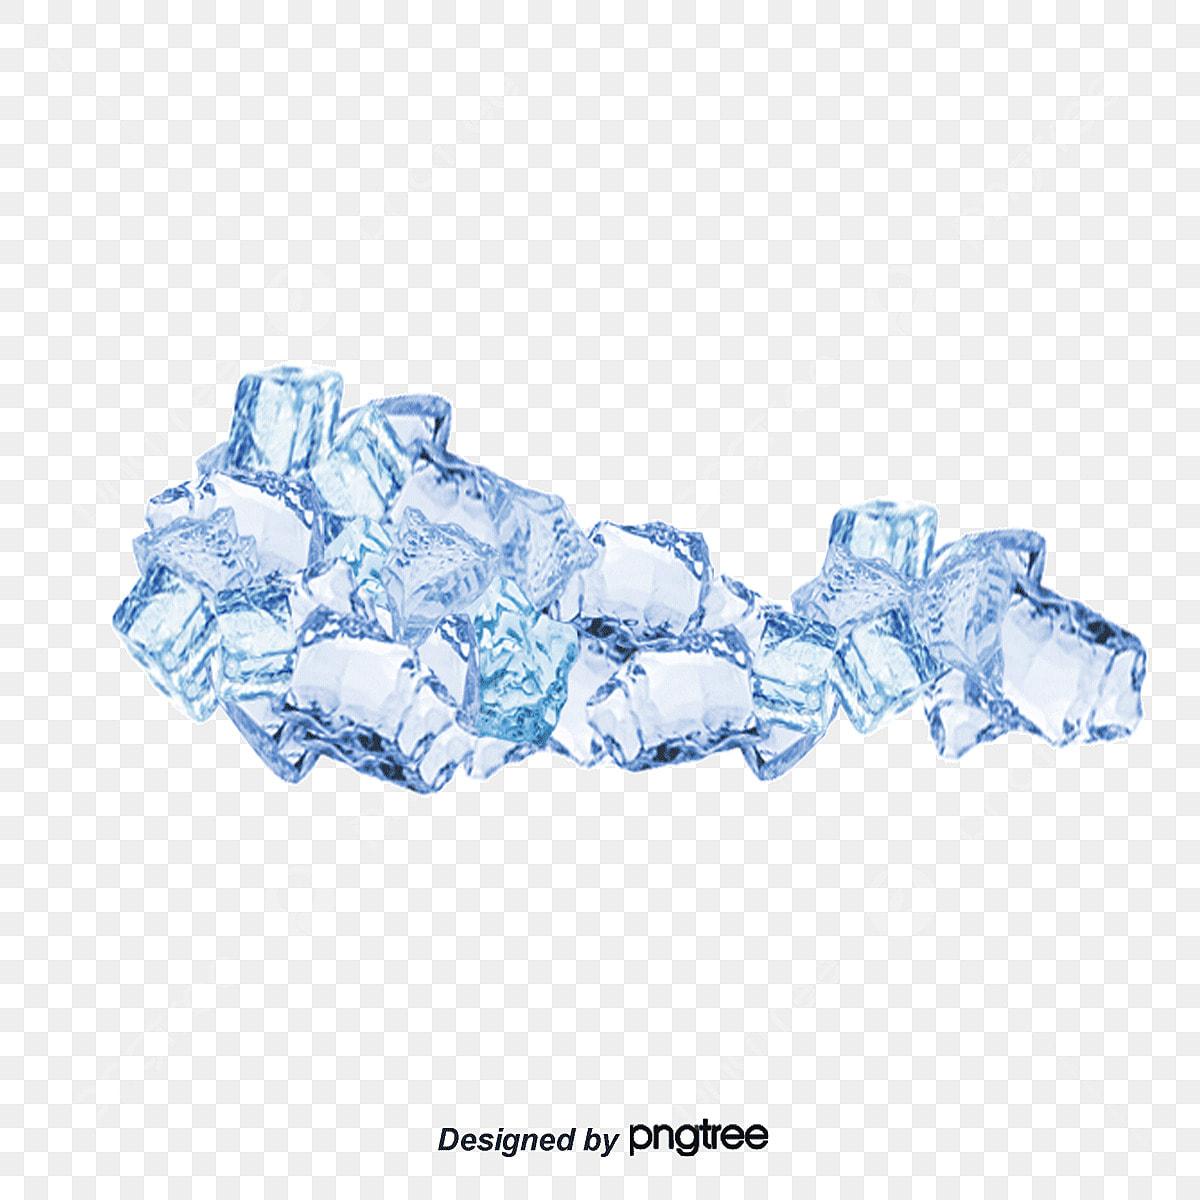 Le Bleu De La Glace De La Glace Bleu Le Bleu De La Glace